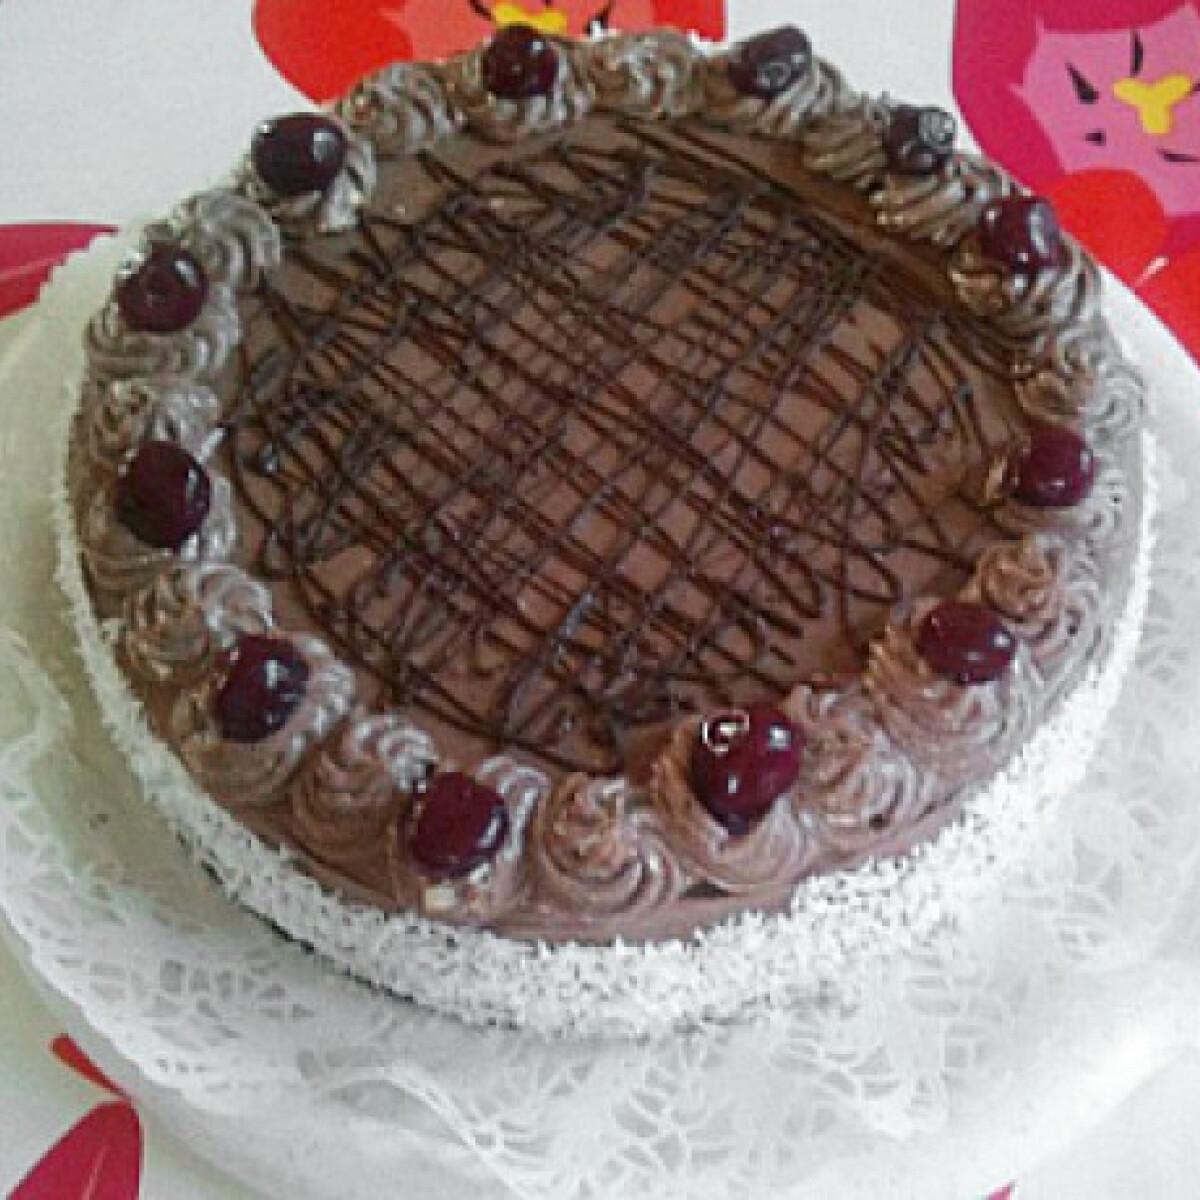 Ezen a képen: Csokoládétorta Kiltehtől